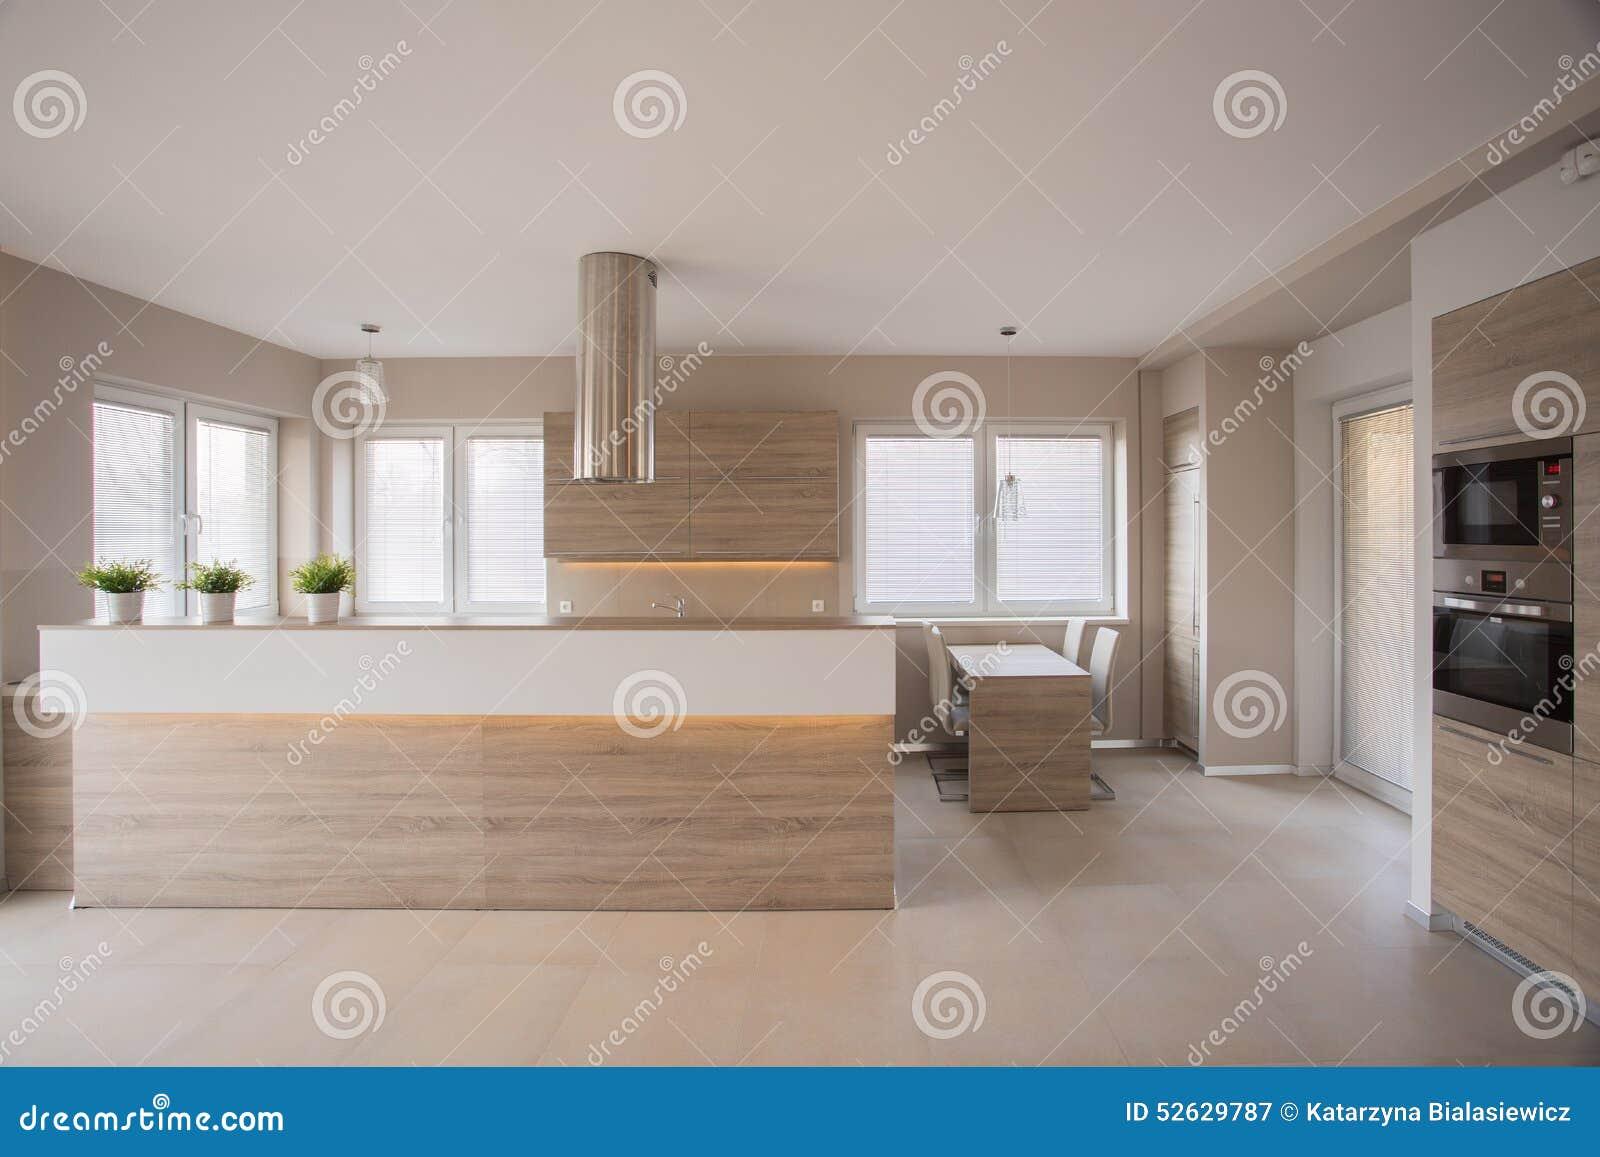 Interior Bege Da Cozinha Foto de Stock Imagem: 52629787 #85A724 1300 957